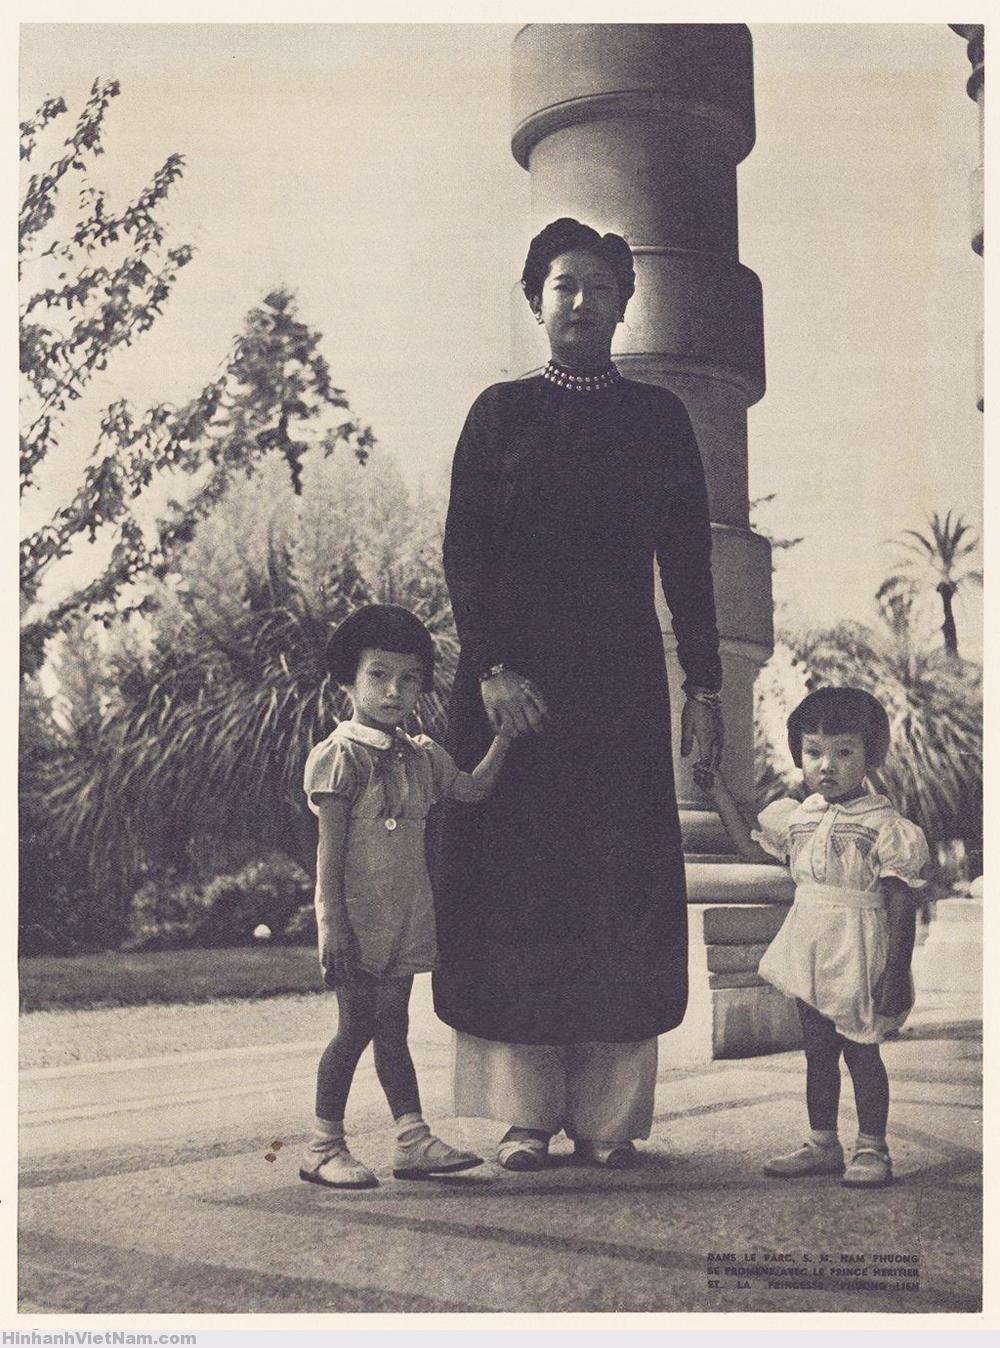 Nam Phương Hoàng hậu với Thái tử Bảo Long và công chúa Phương Liên dạo chơi trong công viên